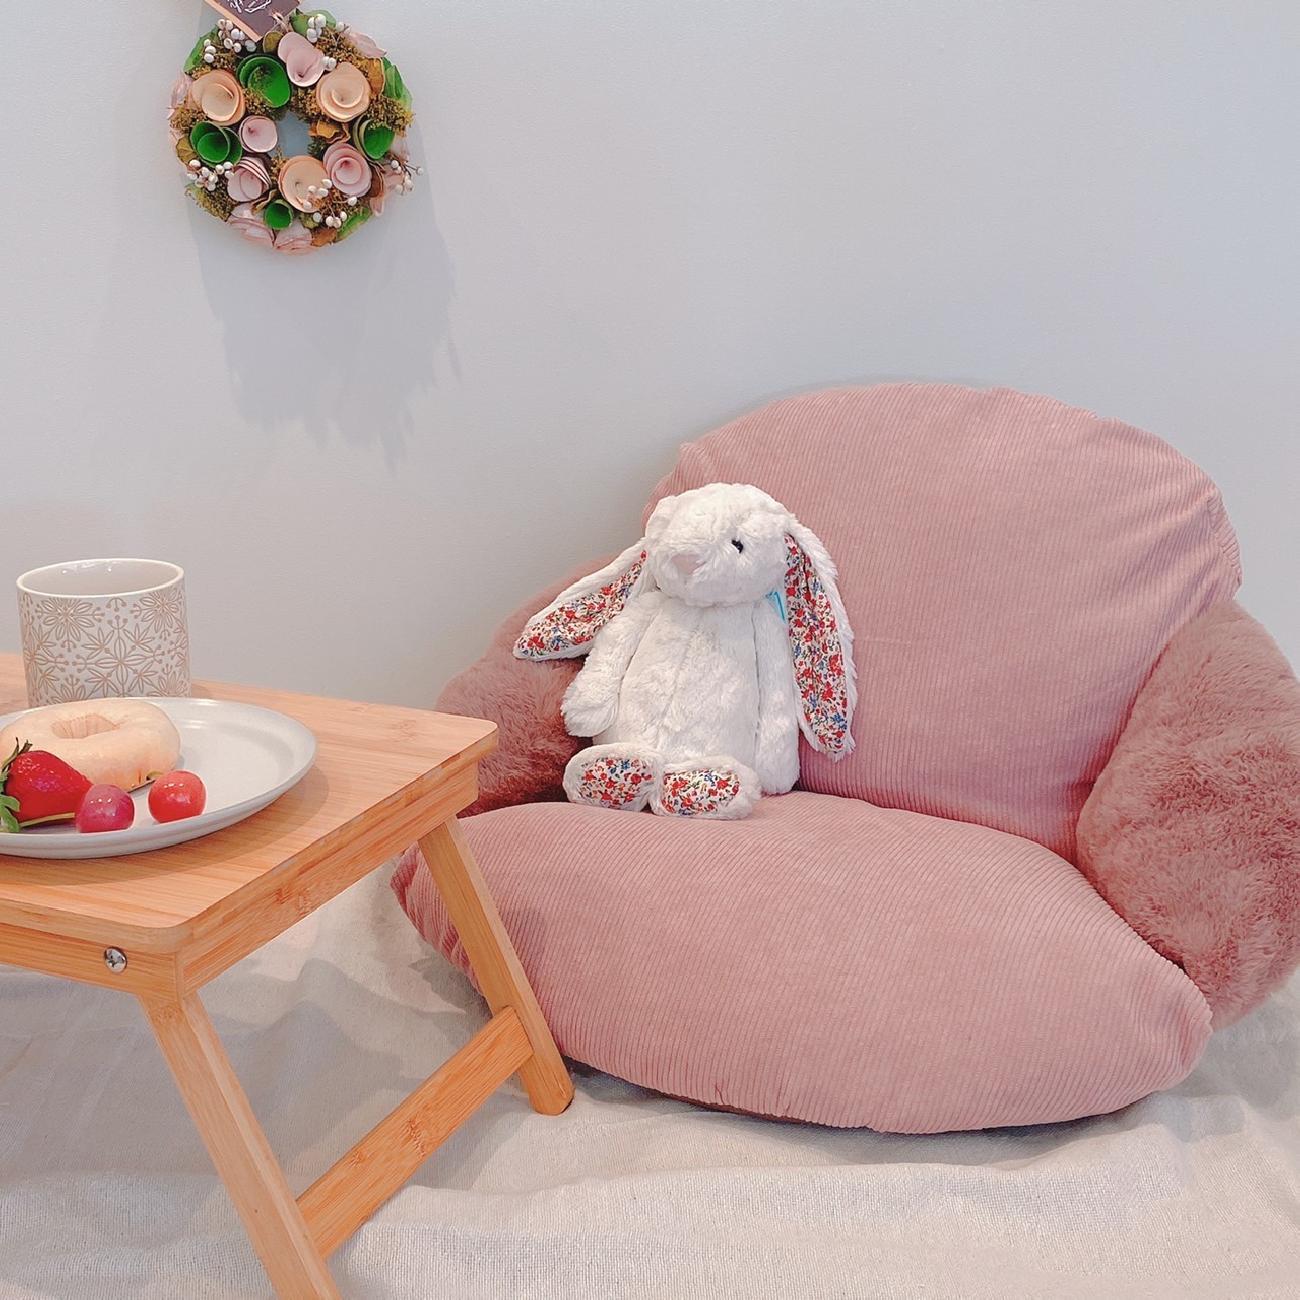 椅子ザブ/座椅子/インテリア/コーデュロイ/ファー/秋のインテリア/贈り物/敬老の日/おうち時間/リラックス